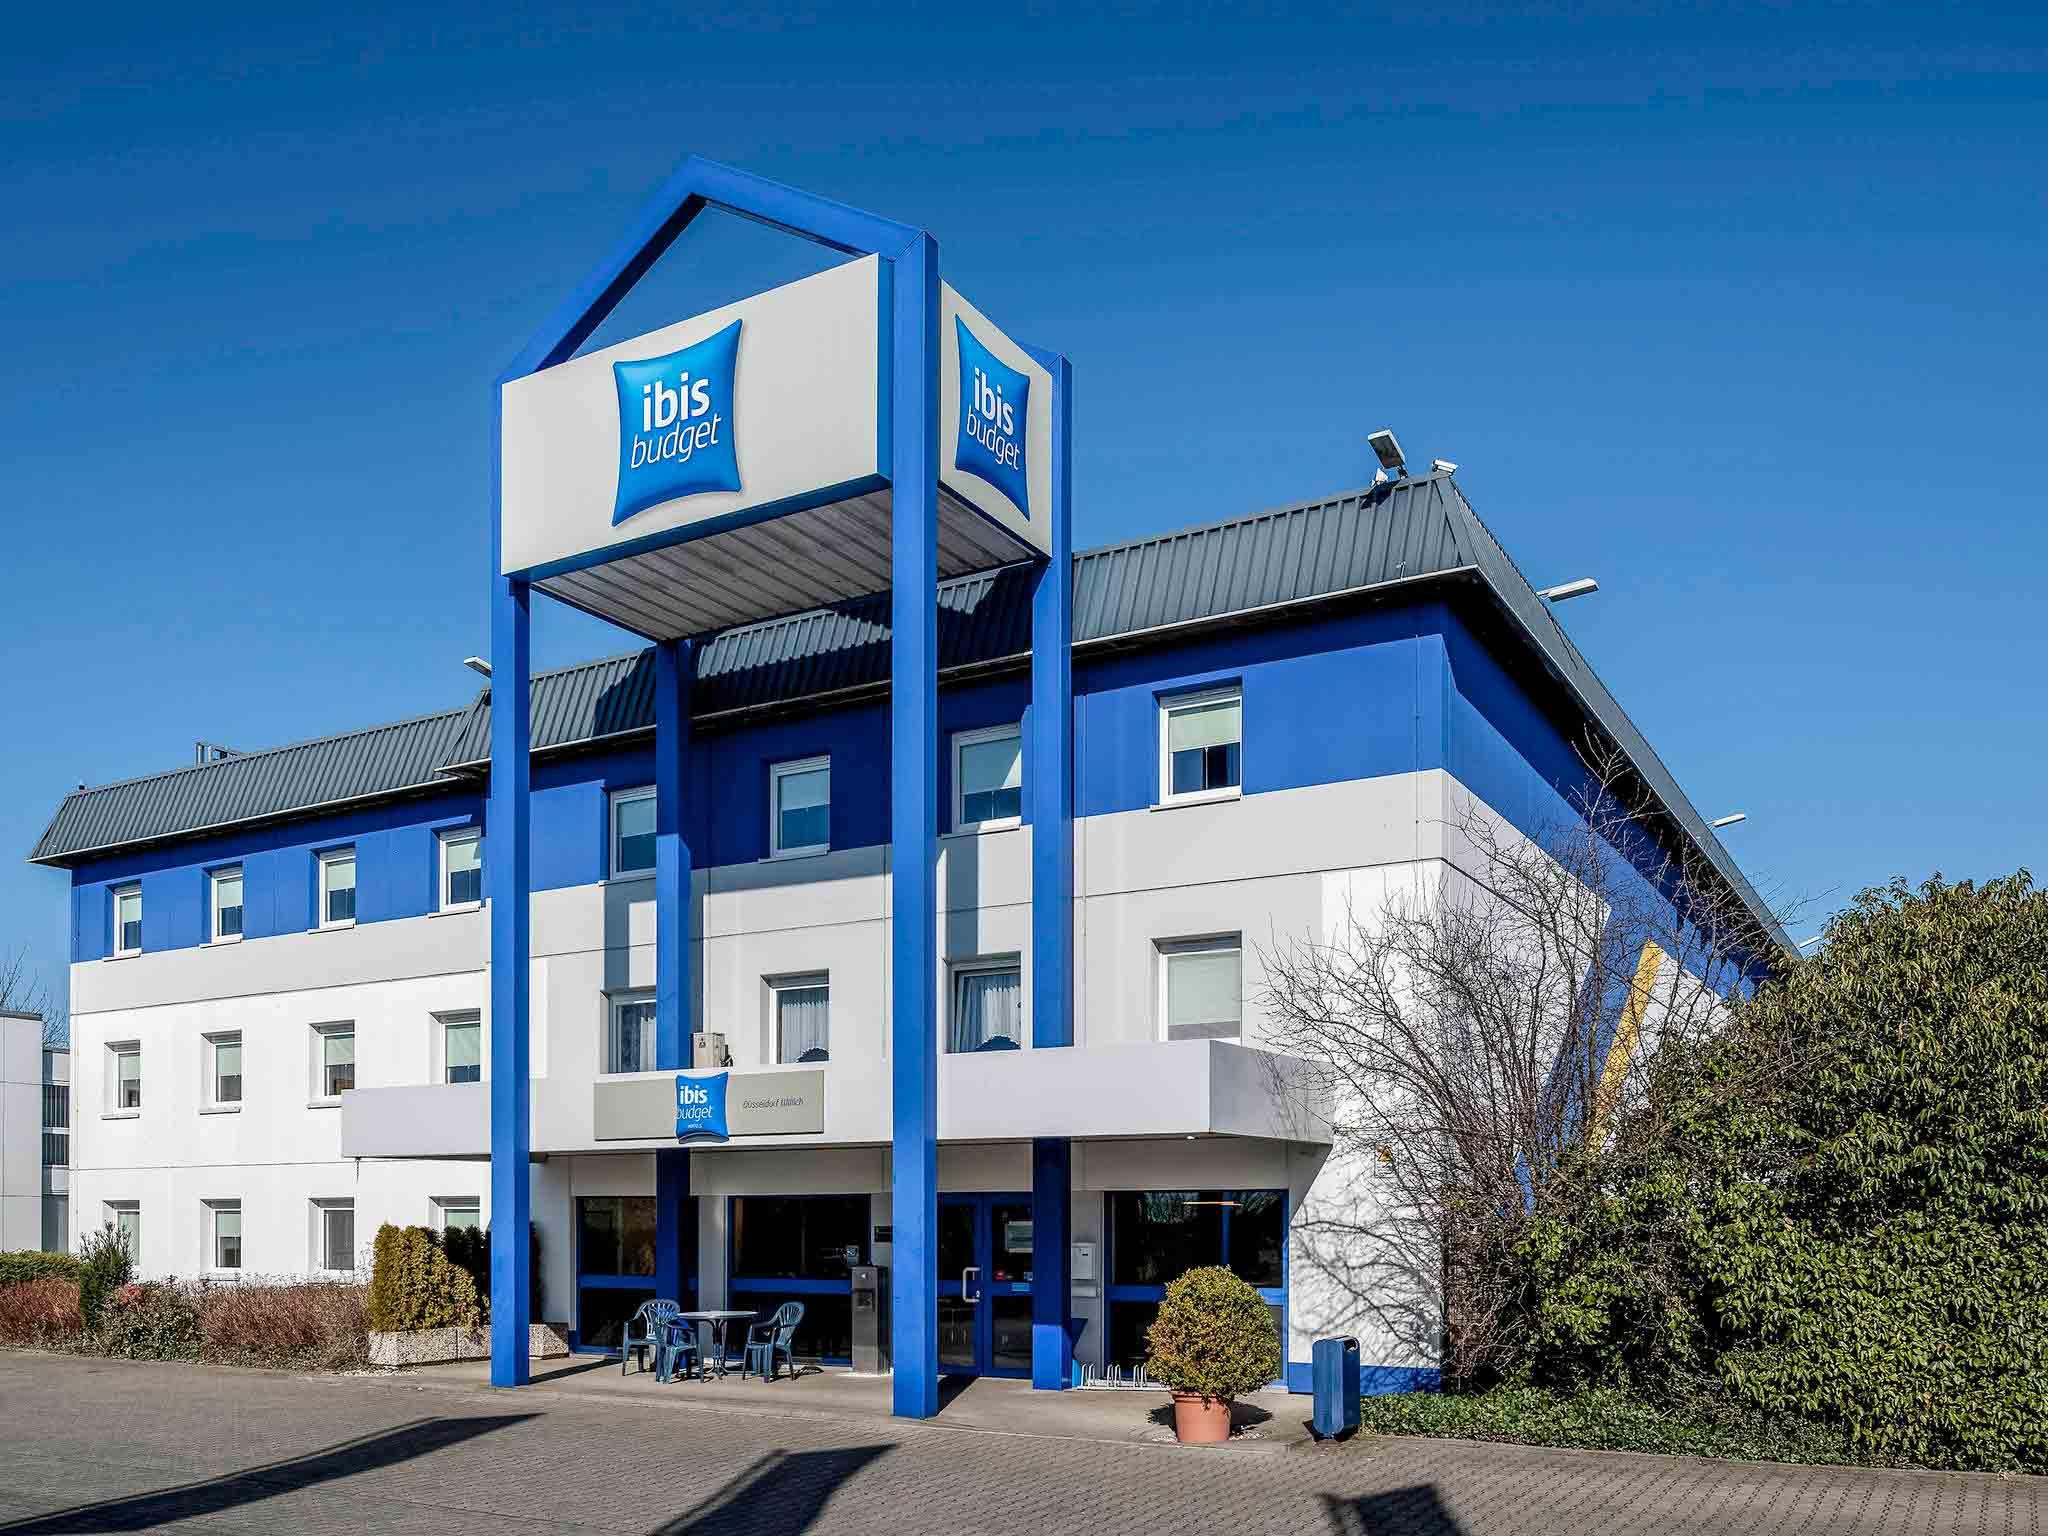 Hotel – ibis budget Duesseldorf Willich